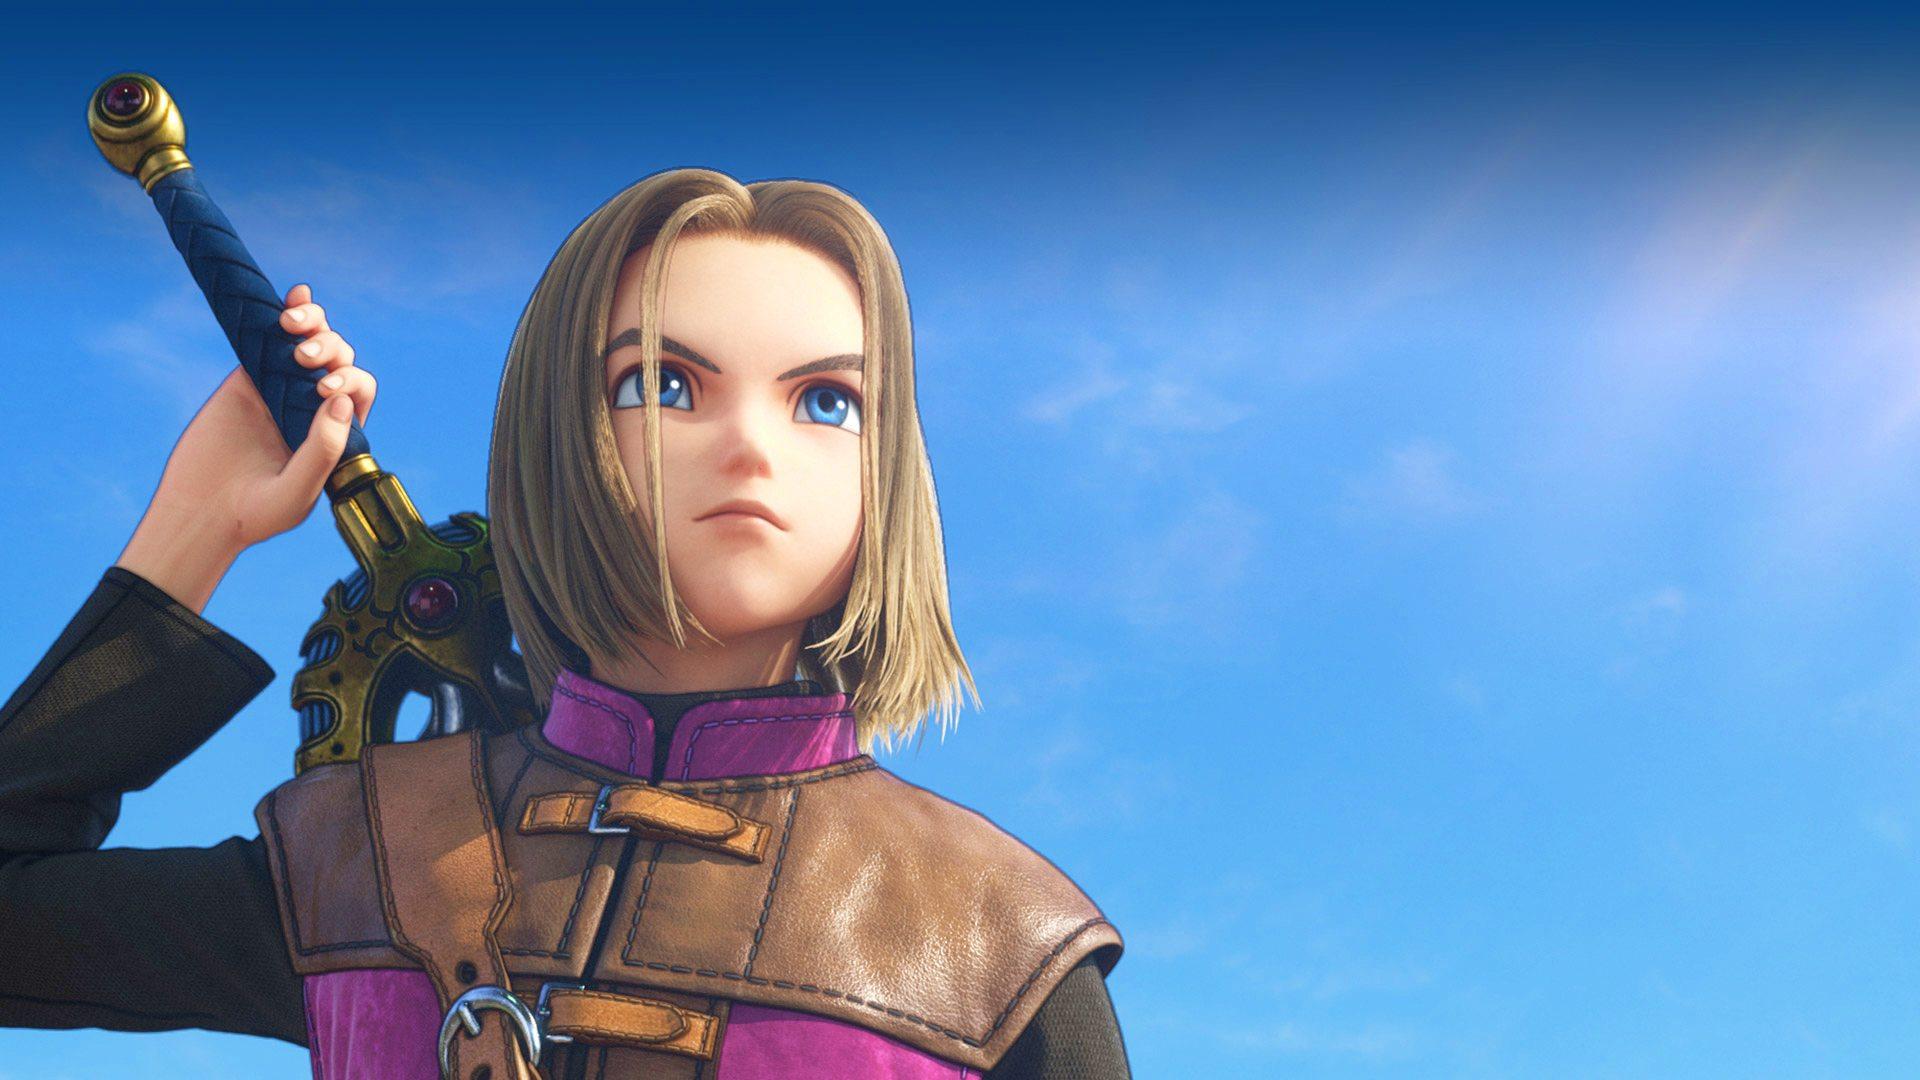 Издательство Square Enix анонсировало пять игр по вселенной Dragon Quest